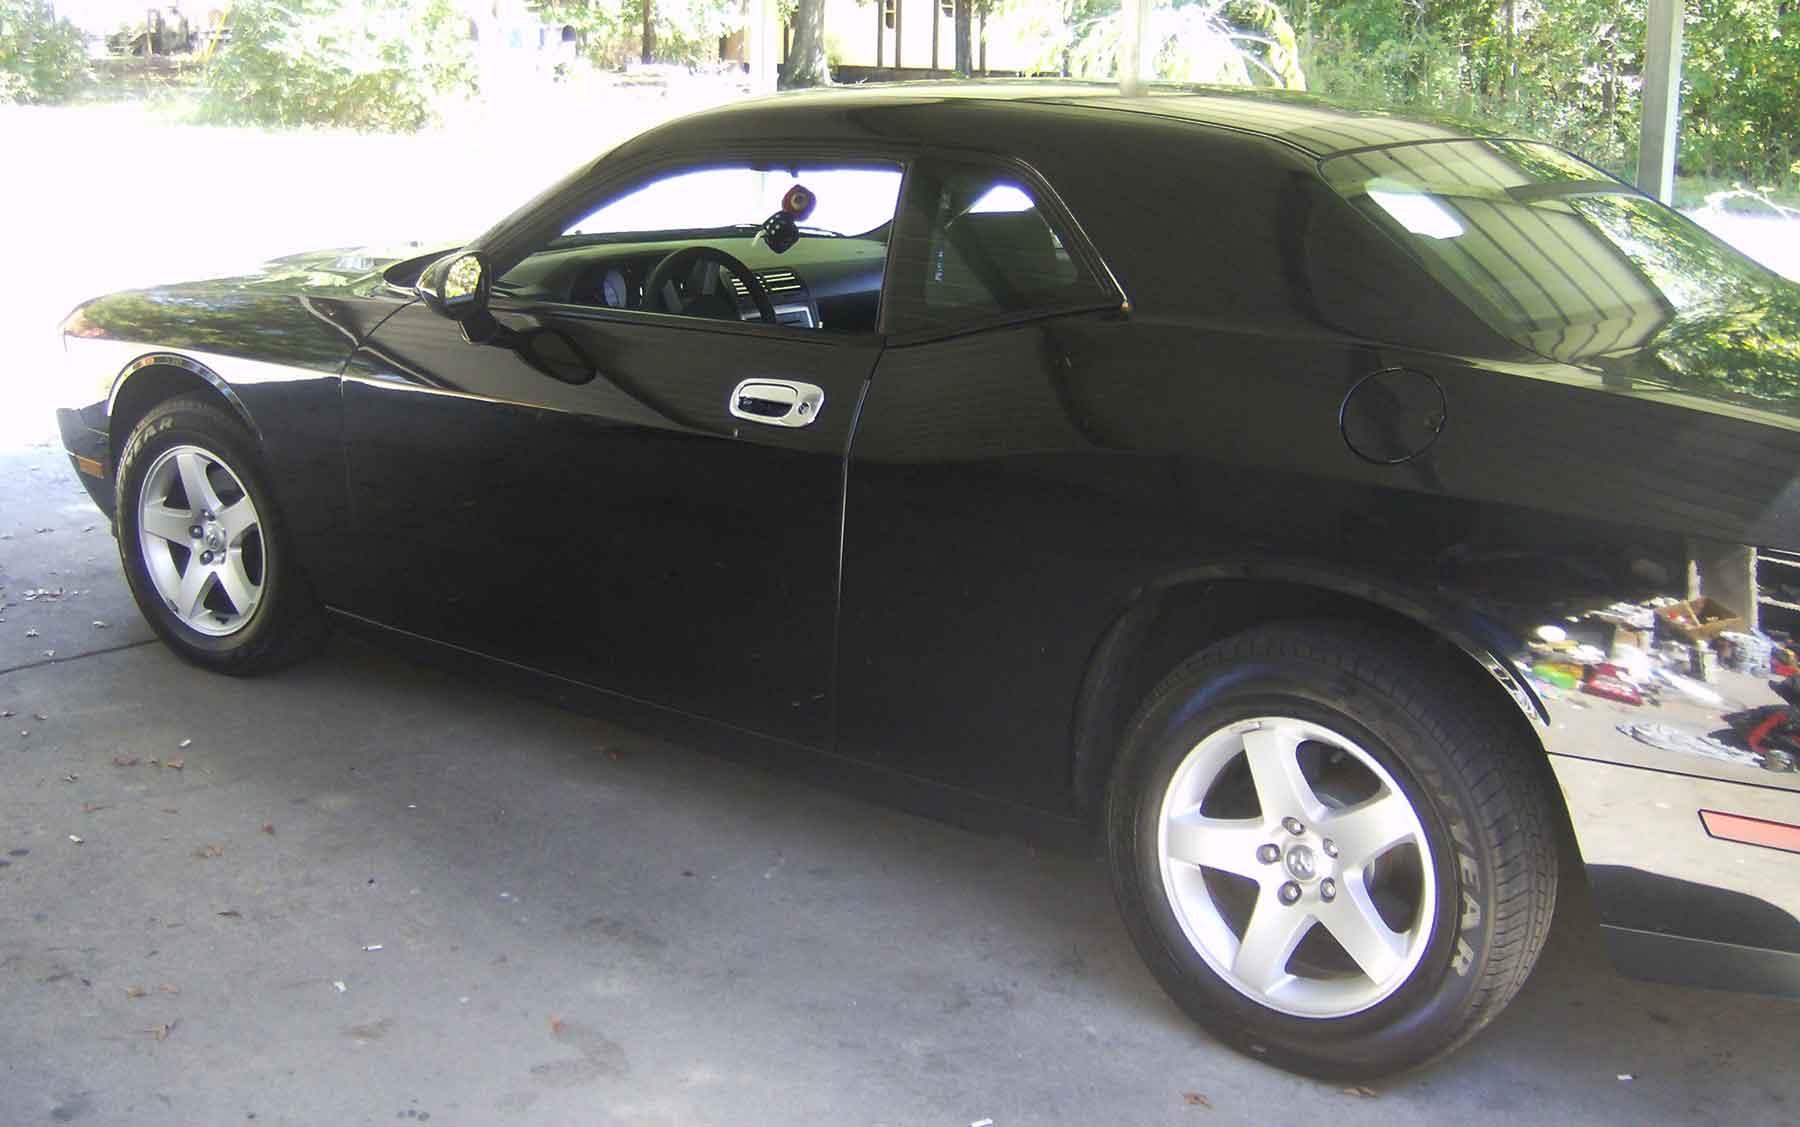 & Dodge Challenger Chrome Door Handle Cover Trim